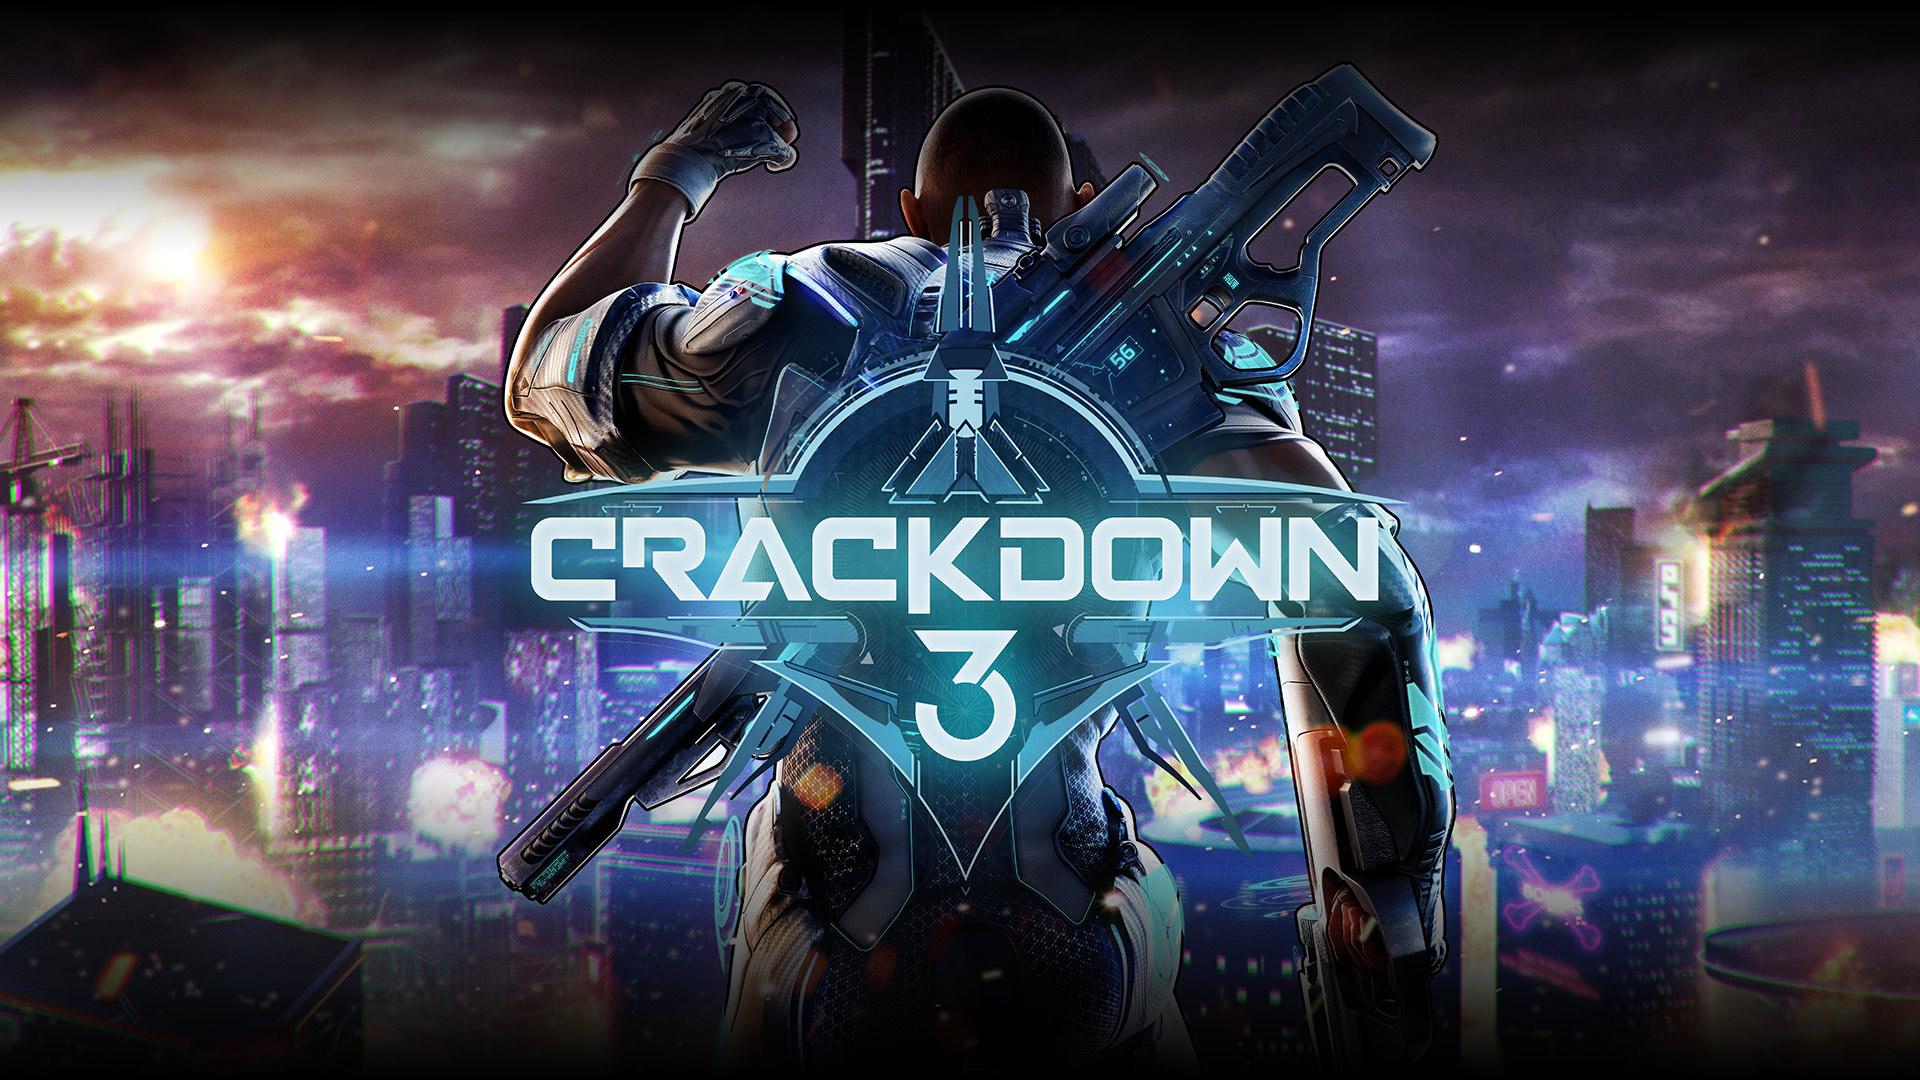 Crackdown 3 Ruffian Games Rockstar Dundee